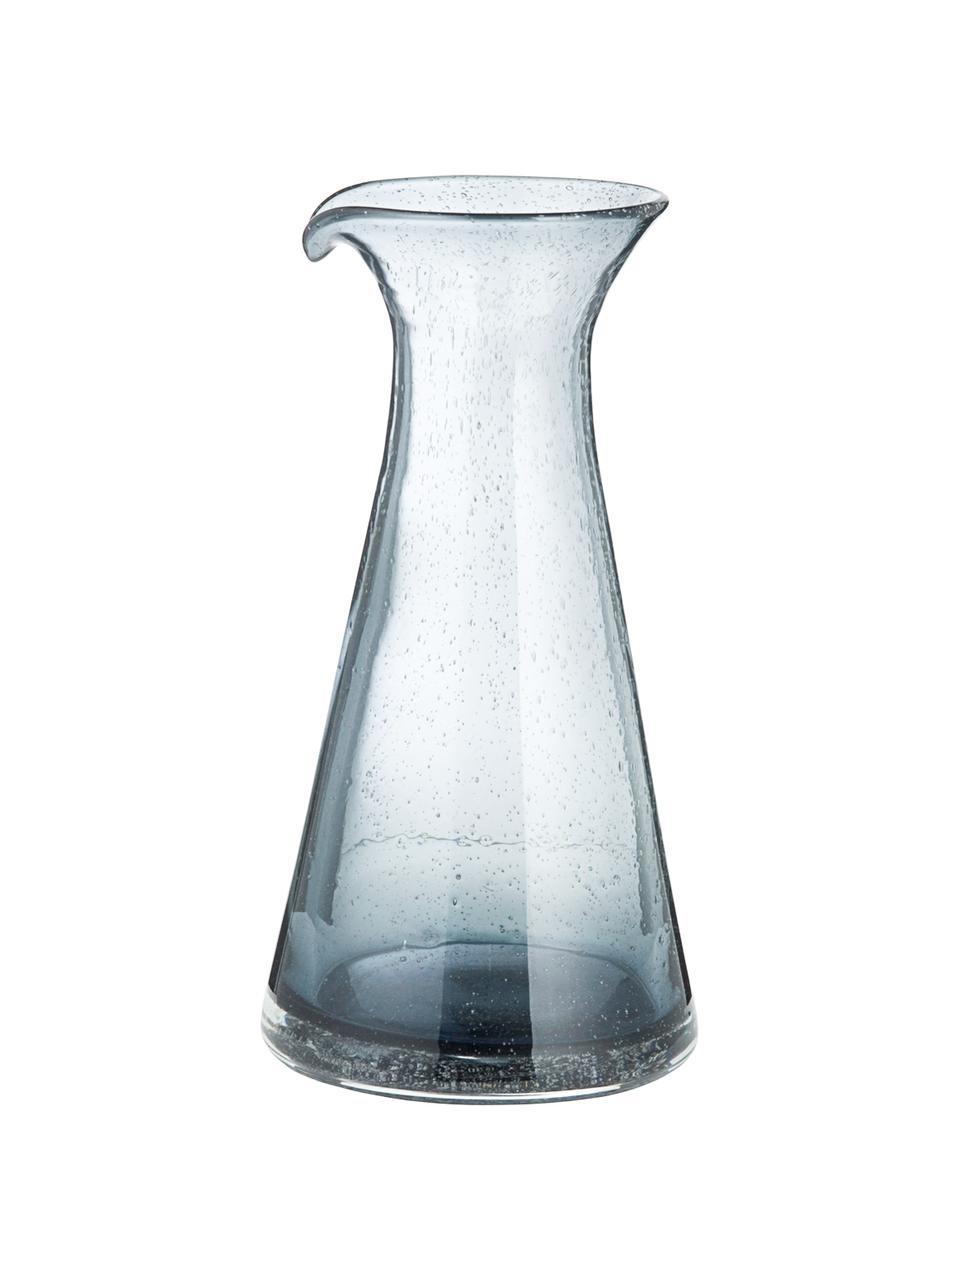 Carafe verre soufflé Bubble, 800ml, Transparent, gris